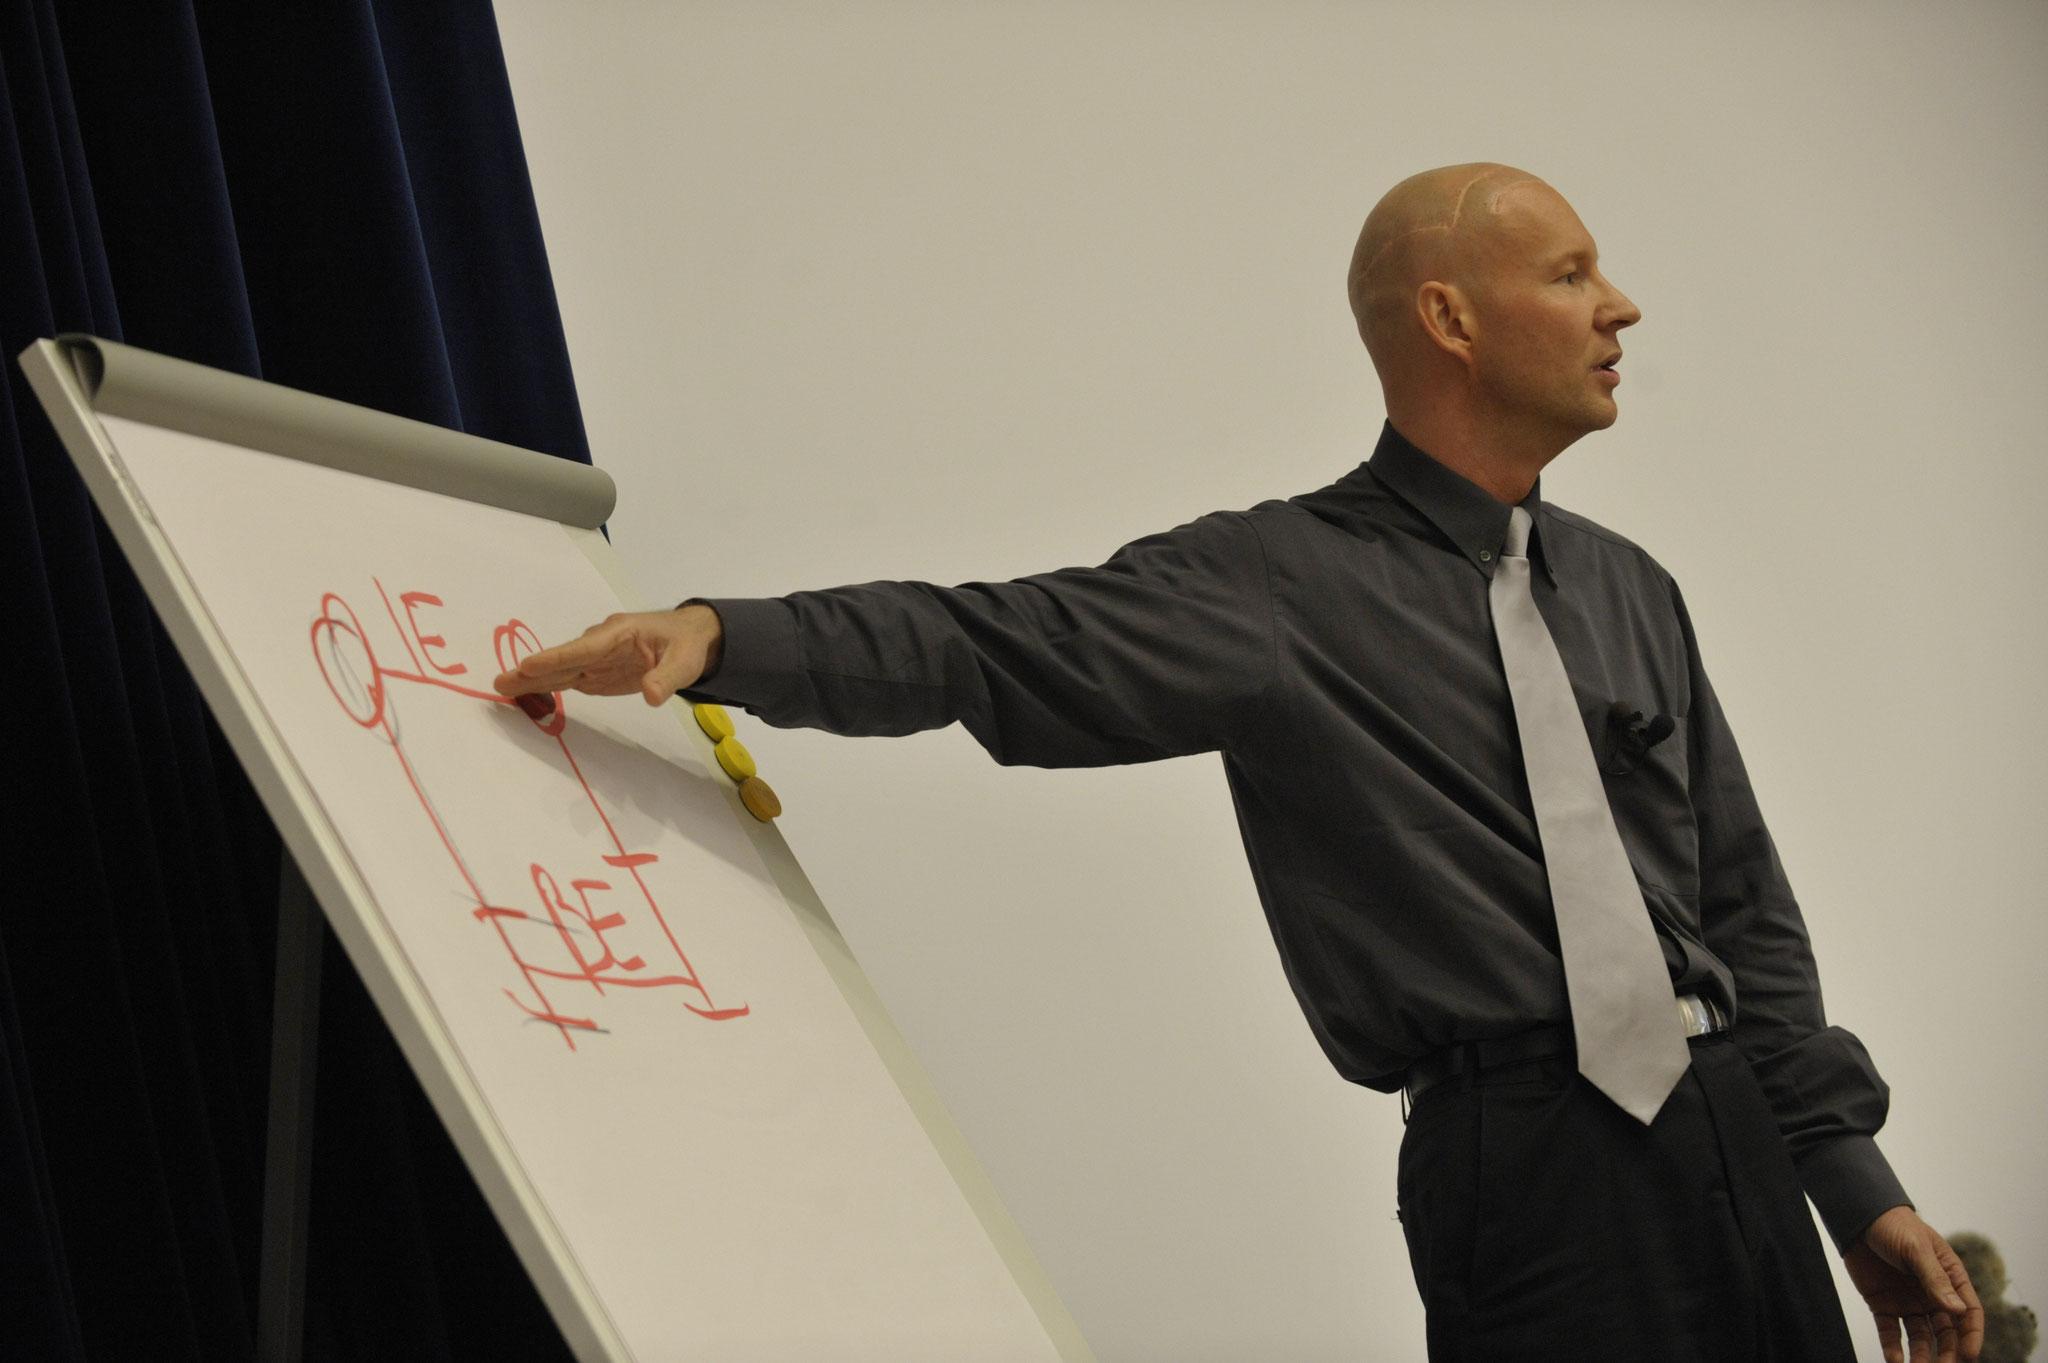 Präsentationsseminar mit PETER MOHR